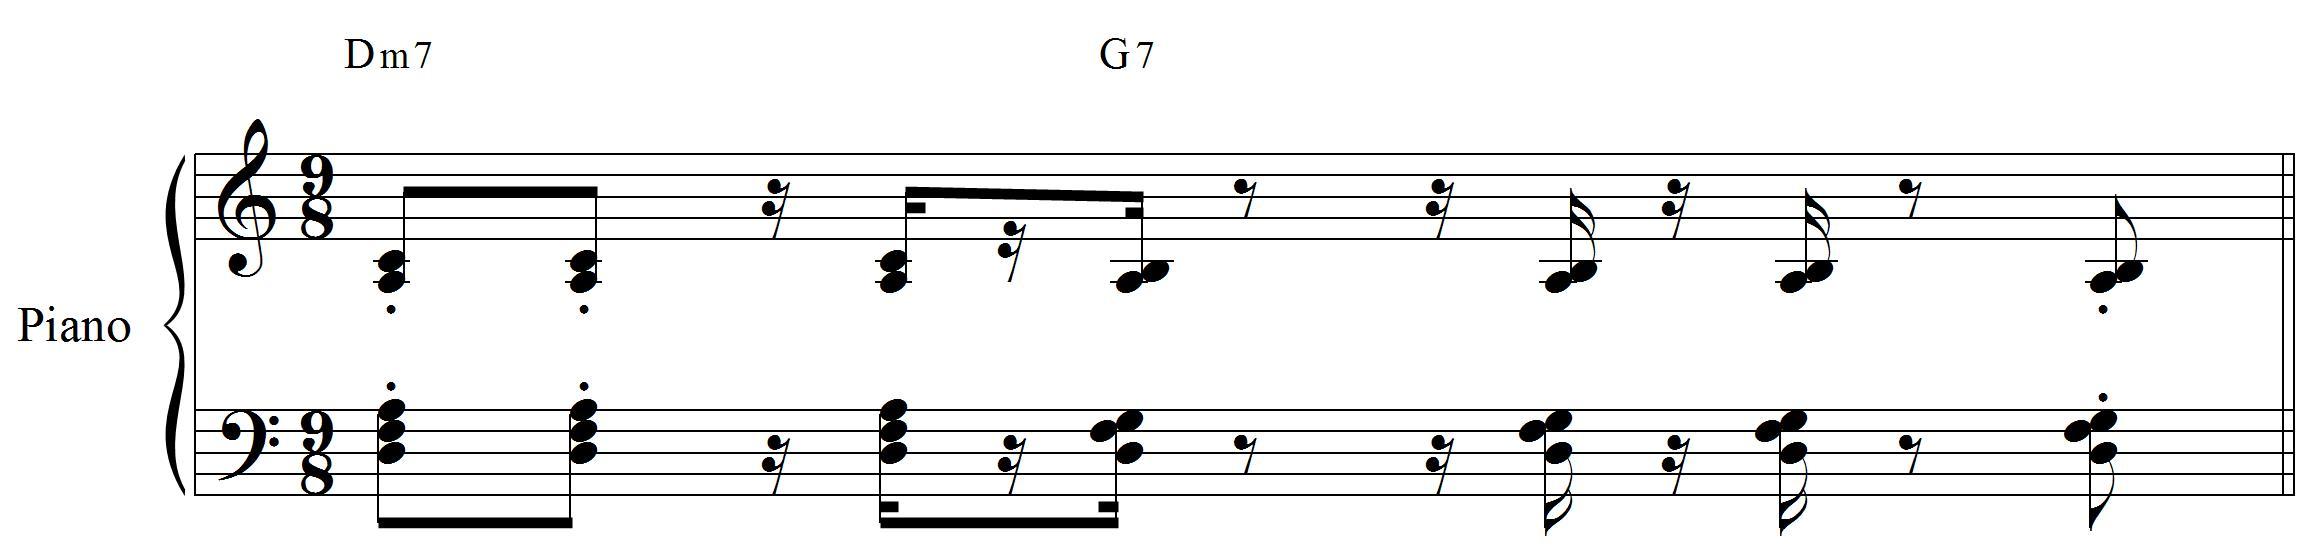 Piano em 9